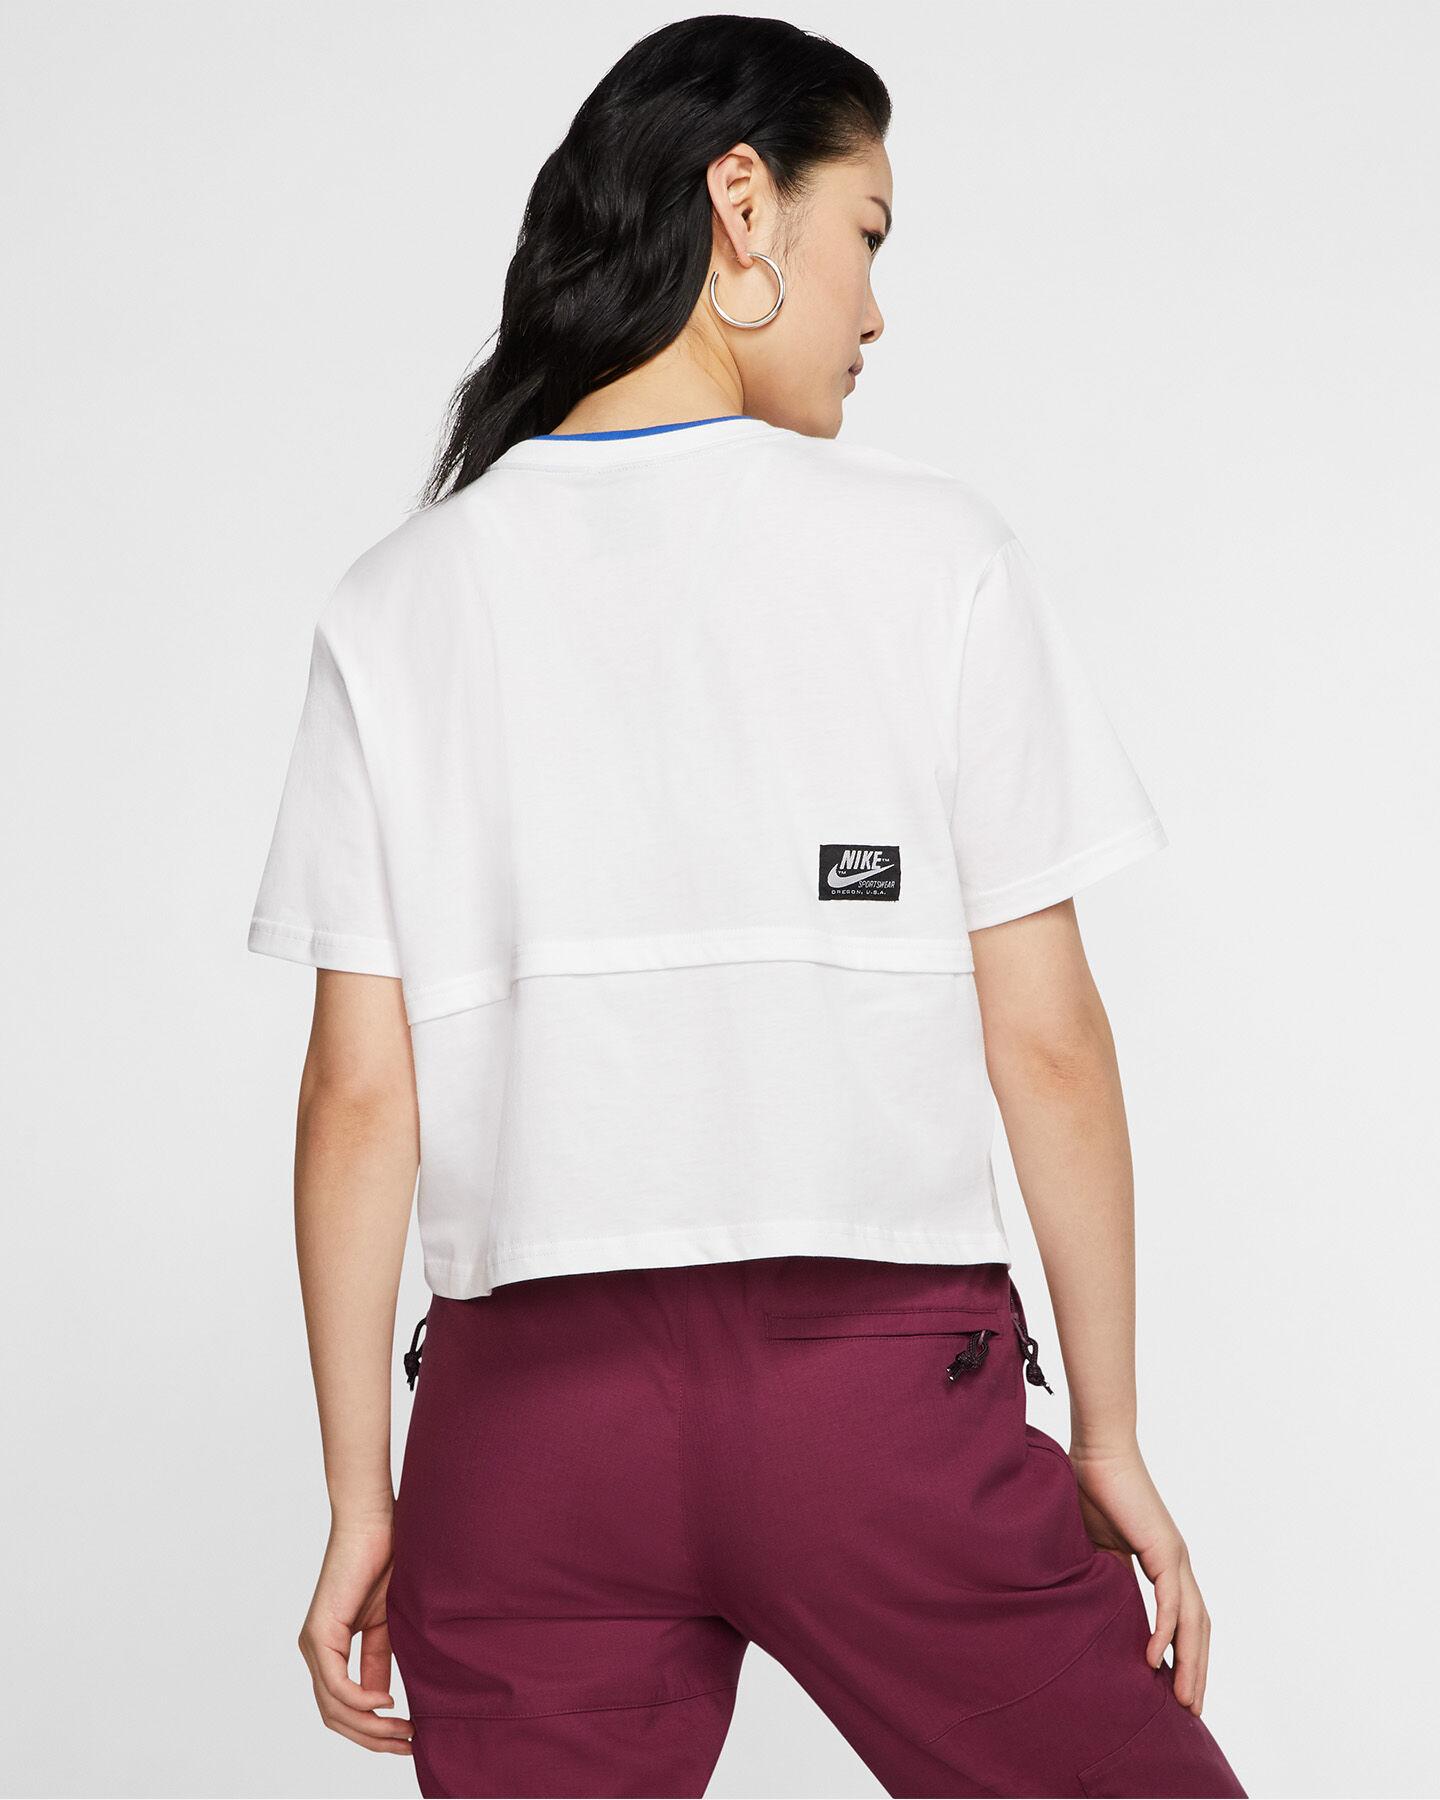 T-Shirt NIKE ICON CLASH W S5164029 scatto 3